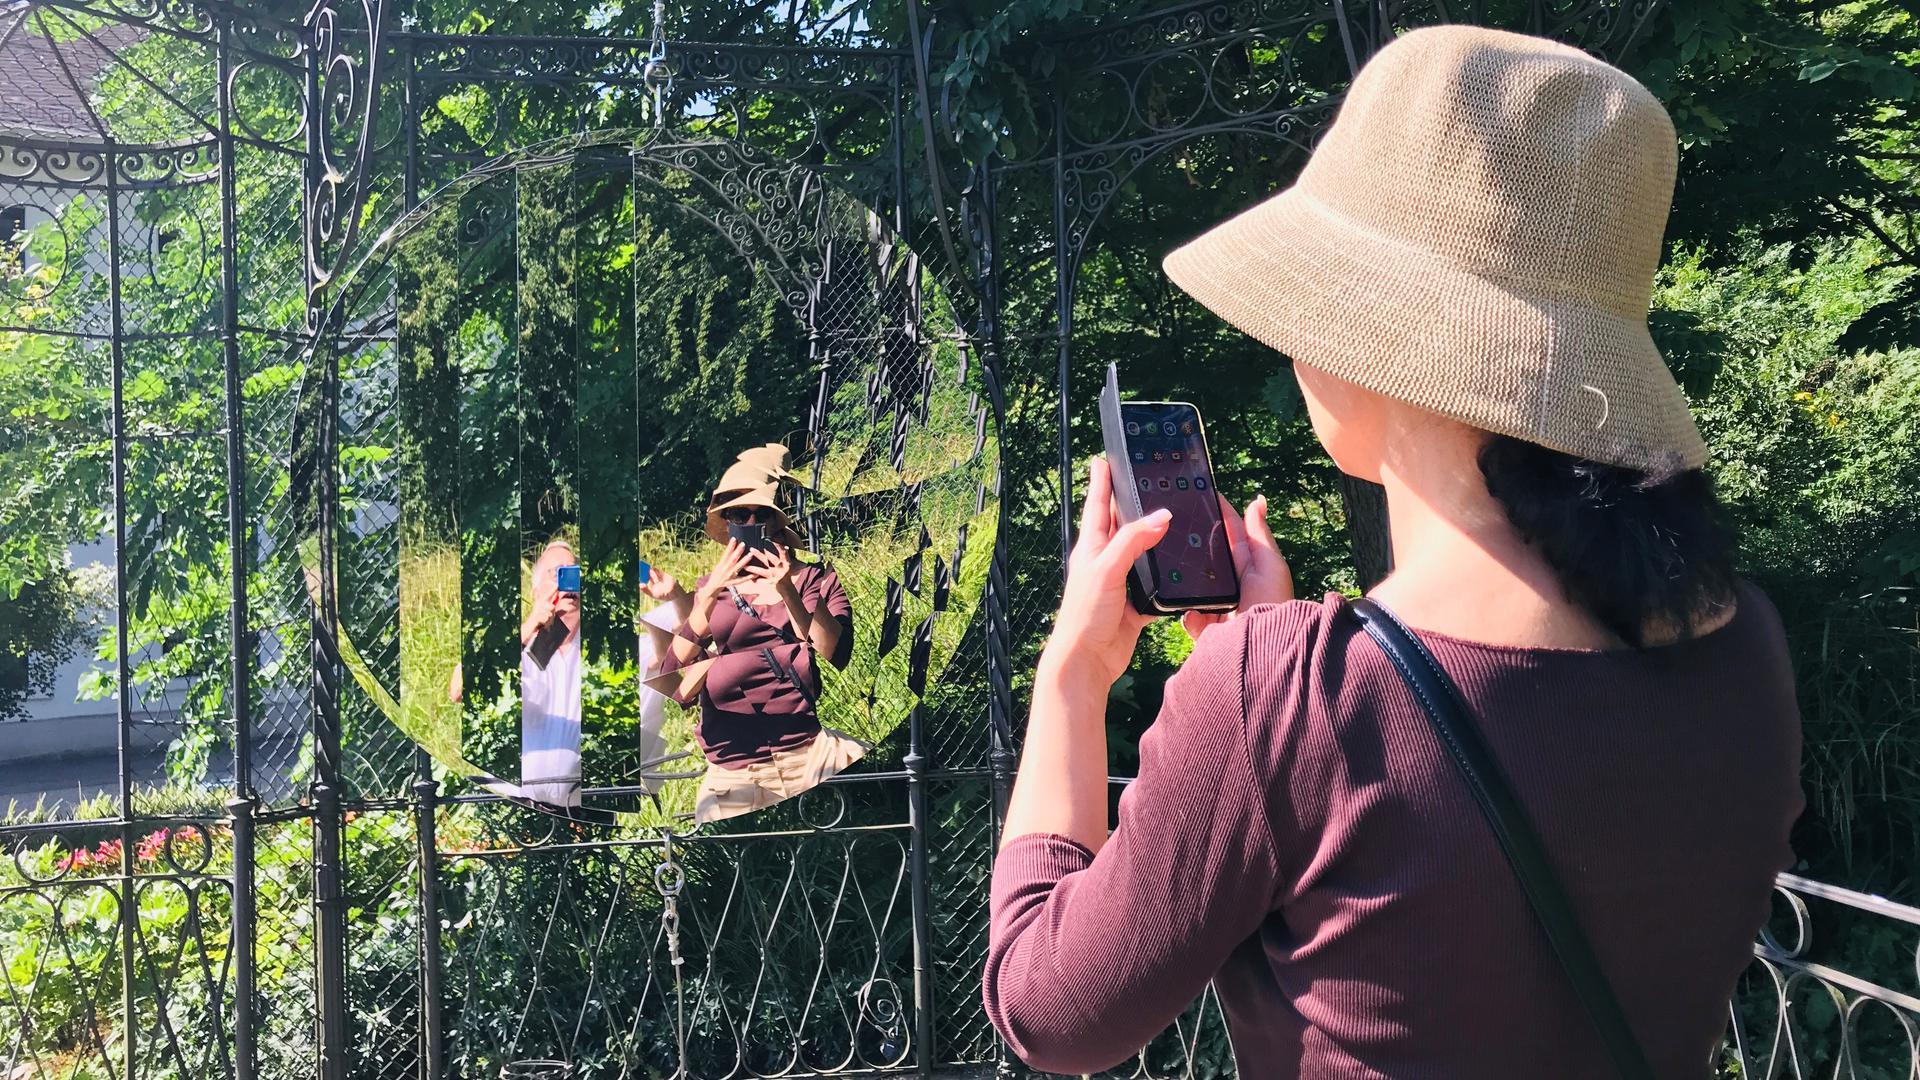 """Mal in den Spiegel schauen: Das können Besucher der Kunstaktion """"kunst findet stadt"""". Die hängende Installation bietet ungewöhnliche Perspektiven auf die Umgebung."""